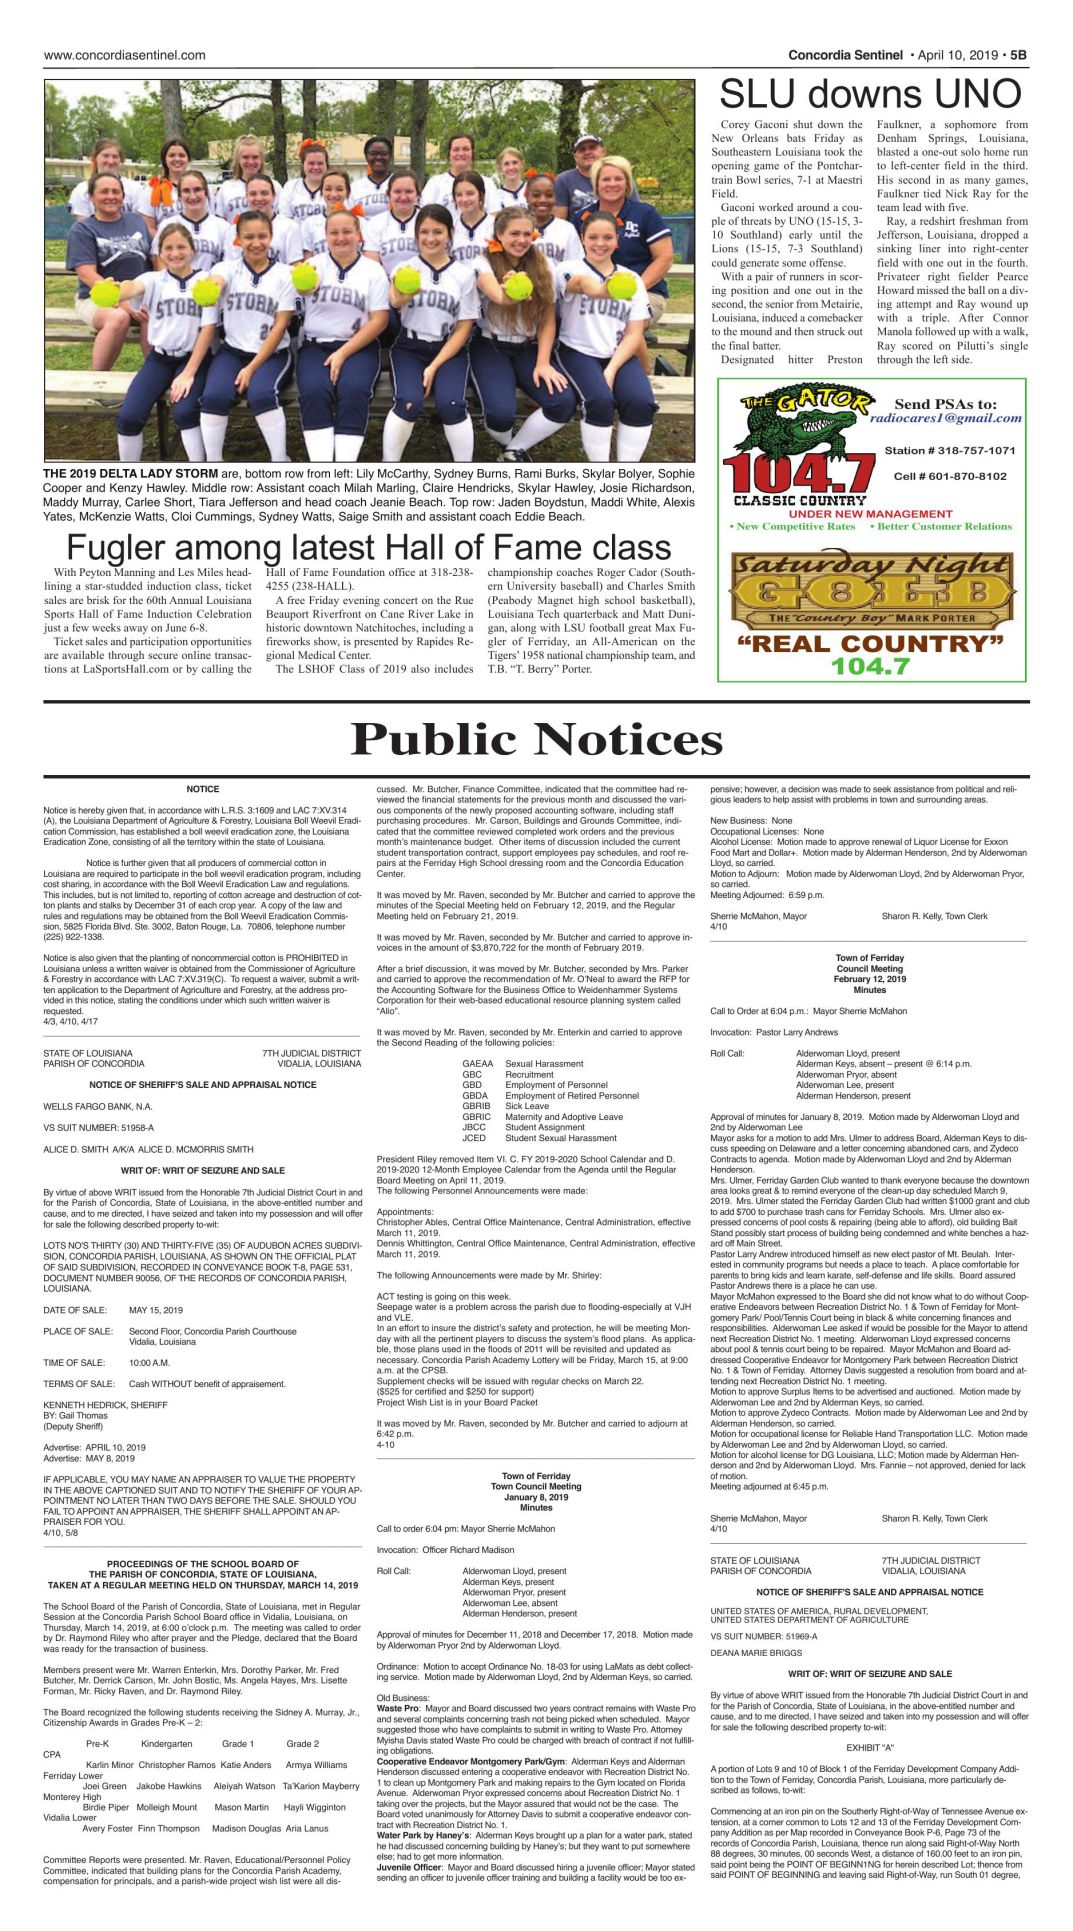 Public Notices - April 10, 2019